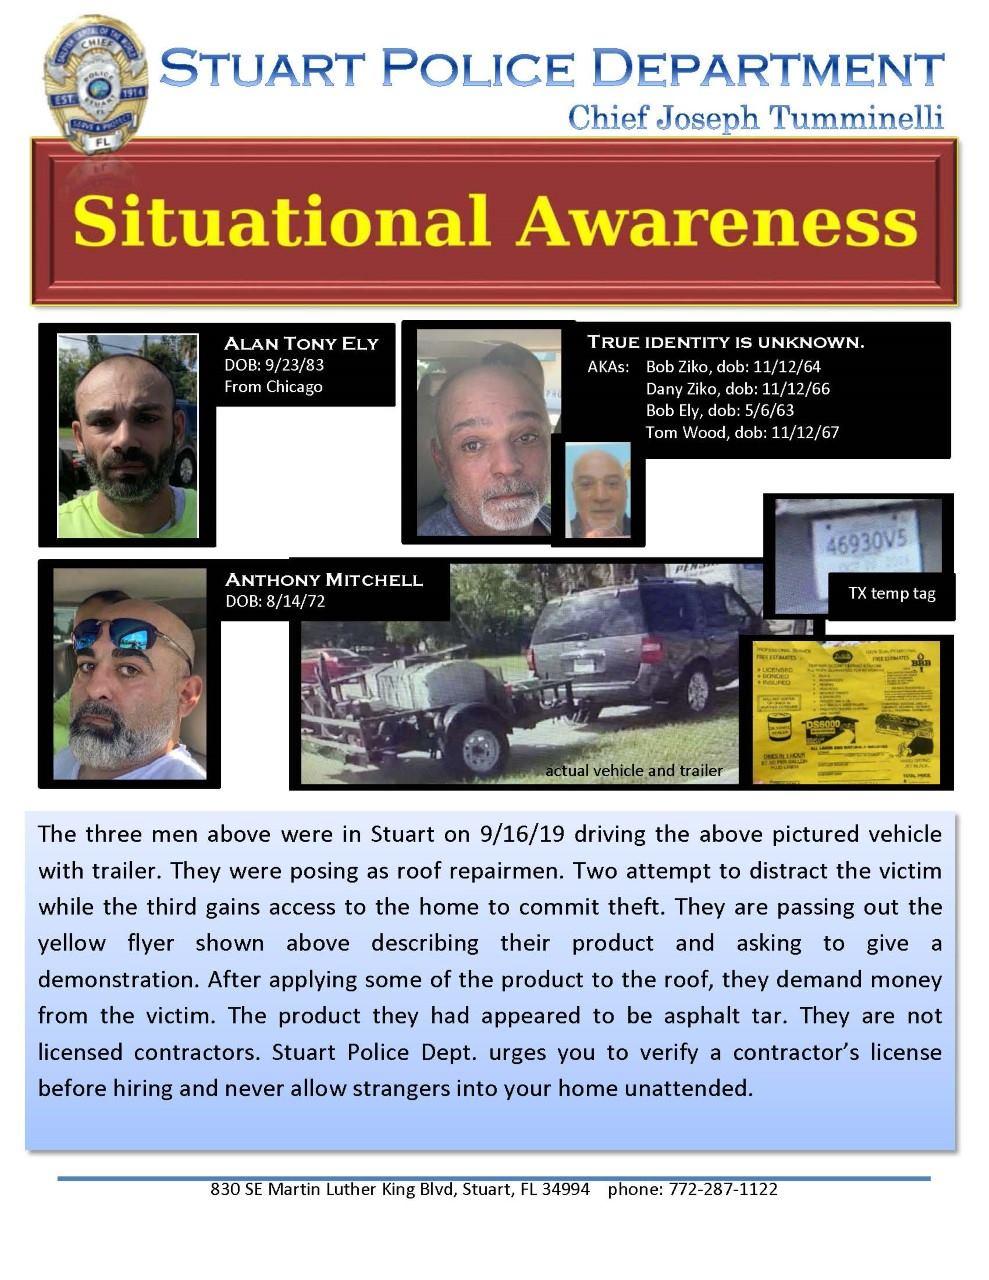 Stuart police: Beware of men posing as roof repairmen